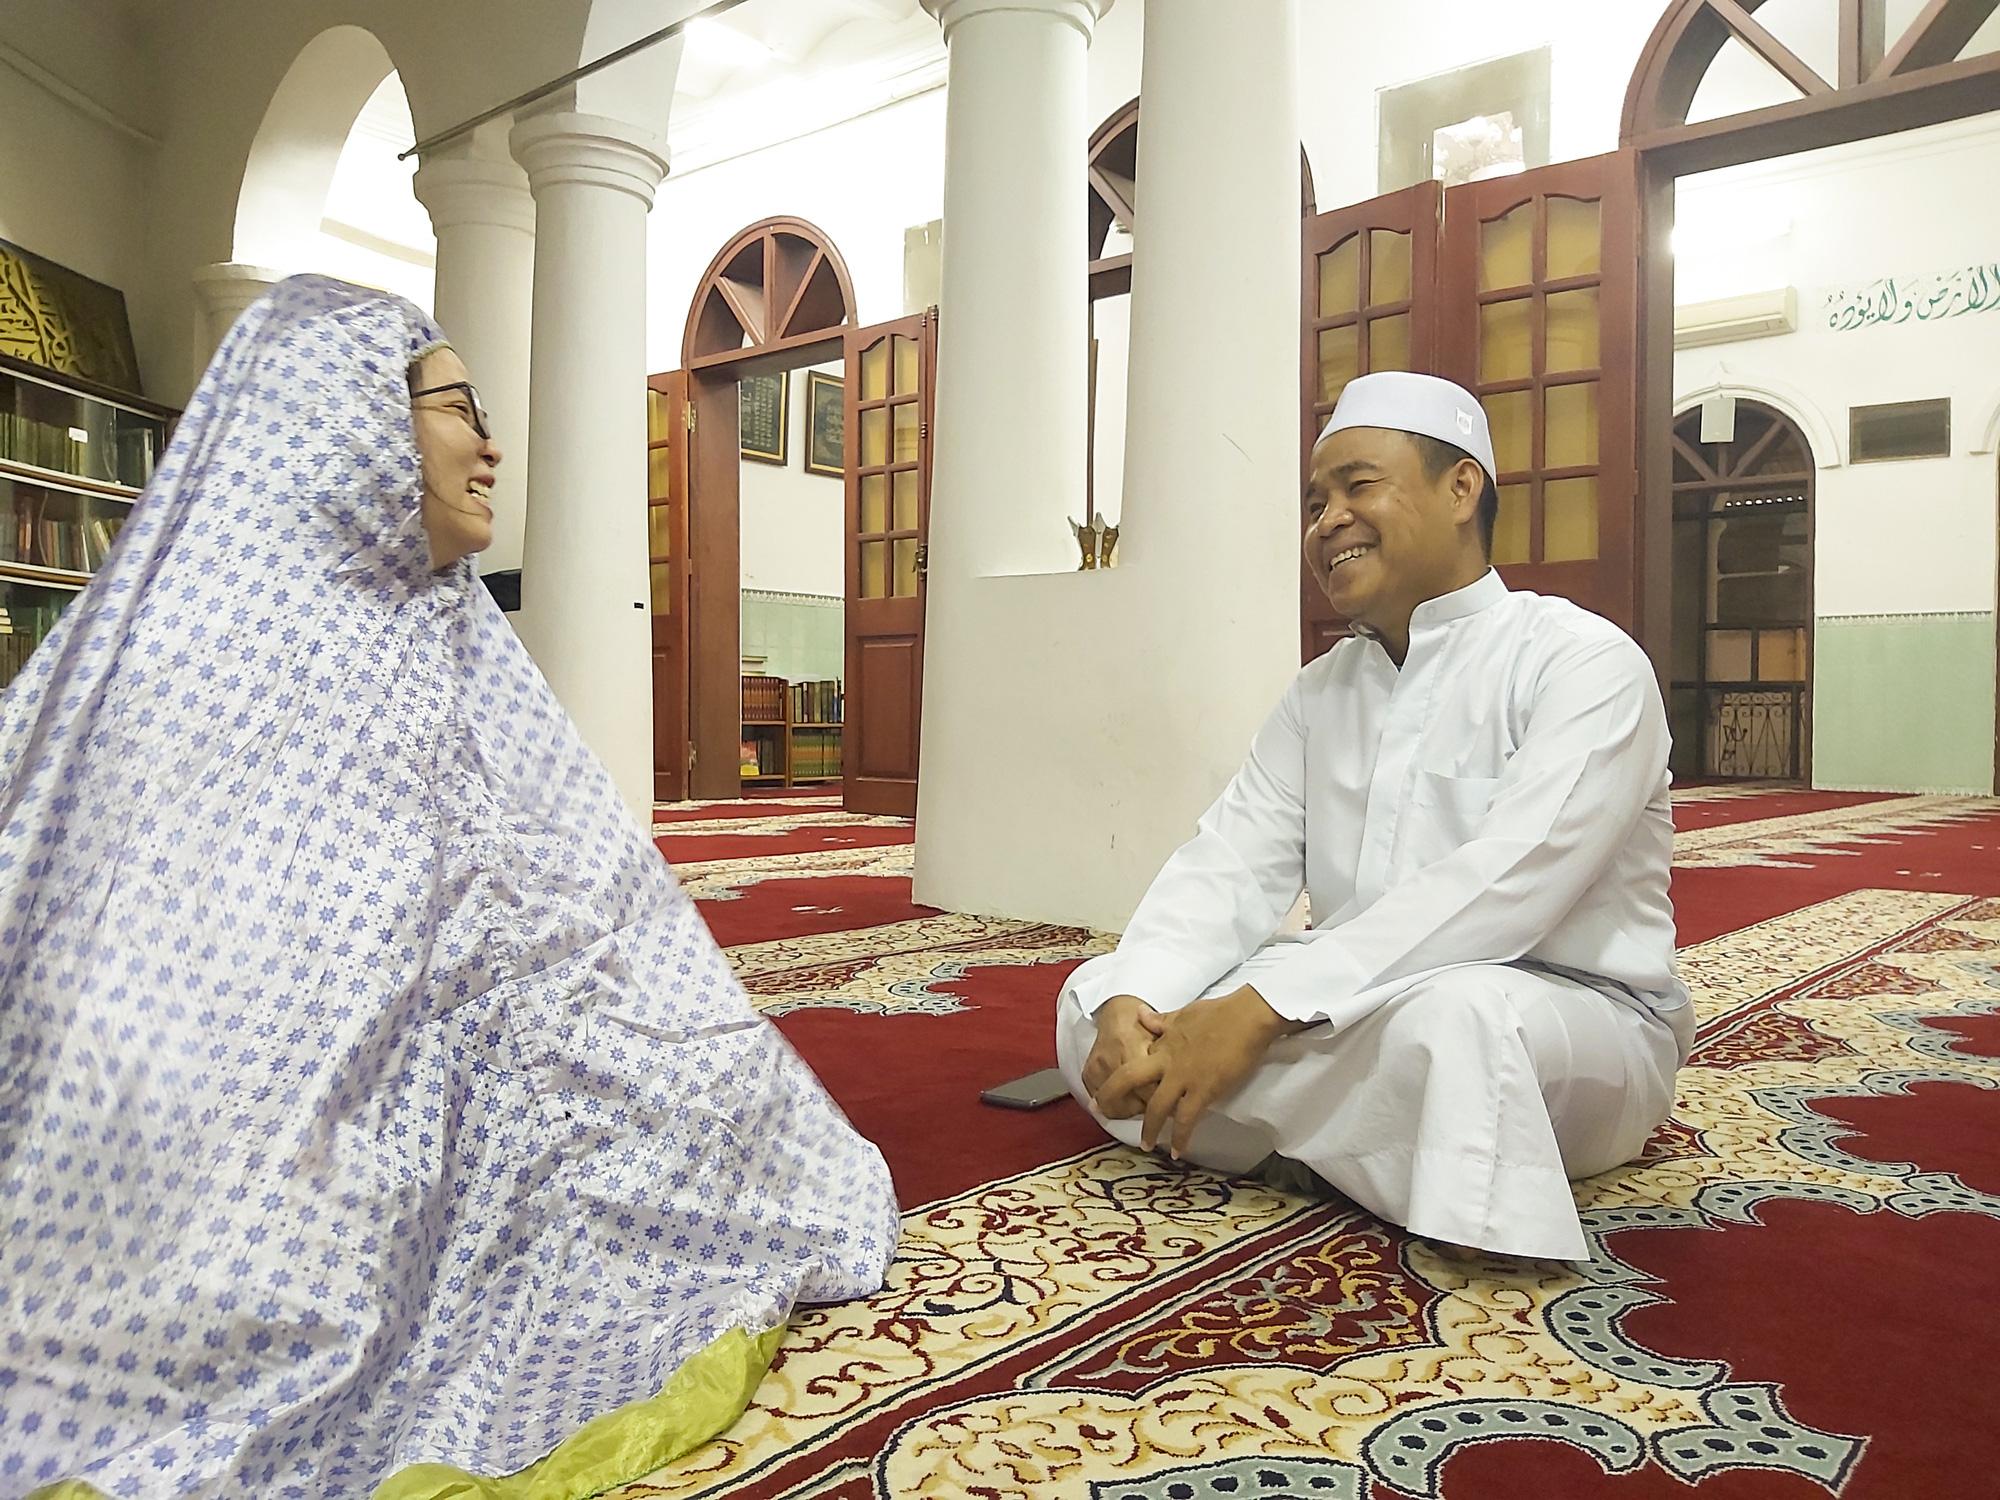 Thánh đường Hồi giáo - Ảnh 4.